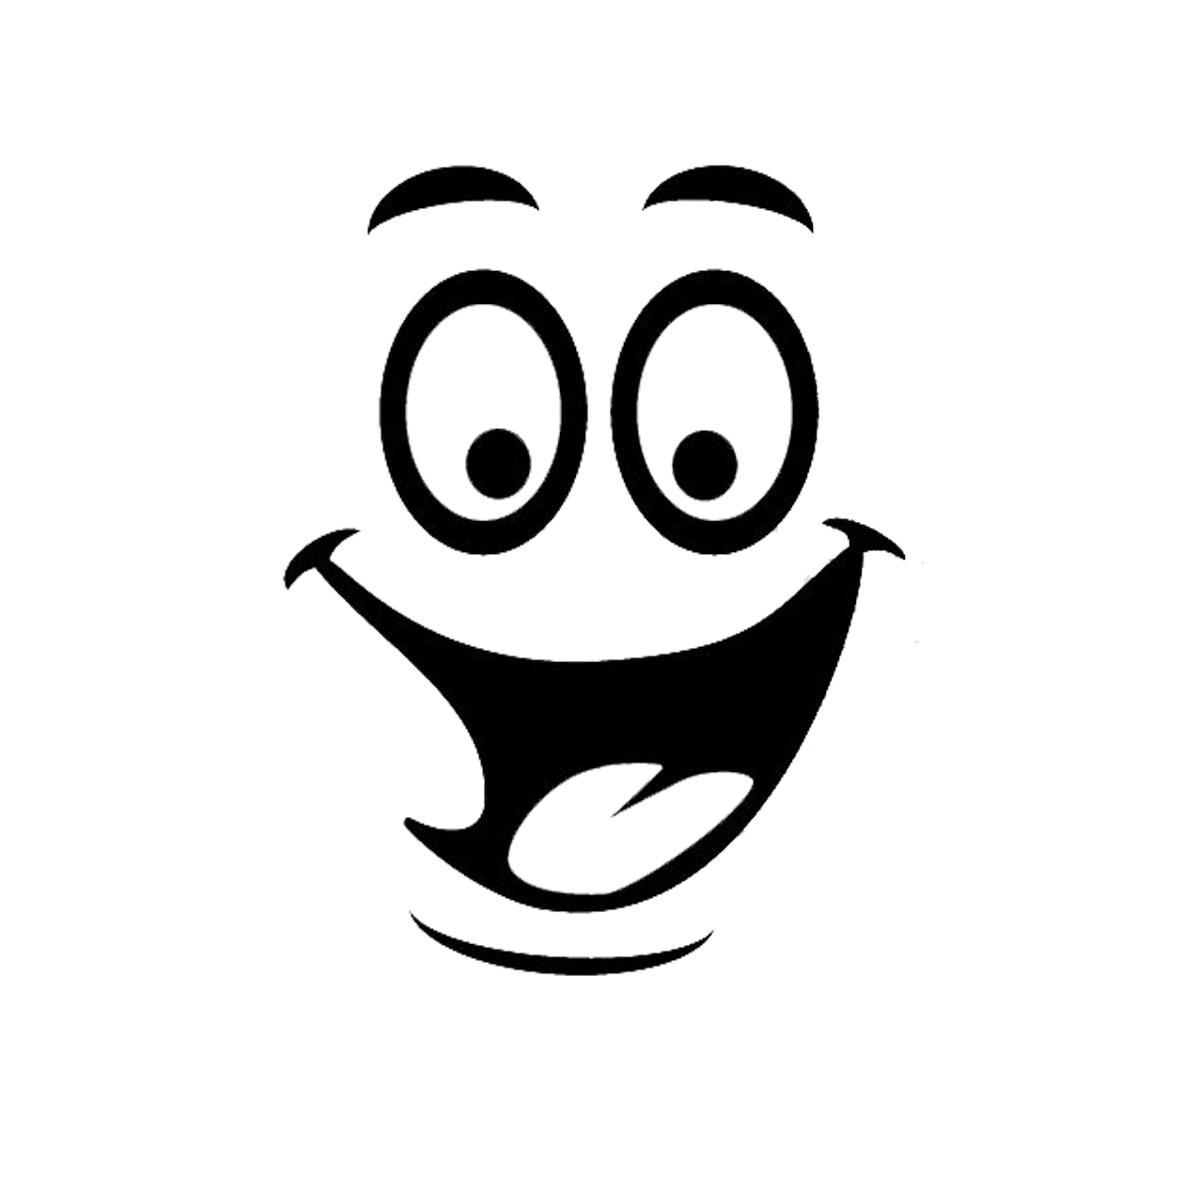 Discount Smiley Face Wall Decor | 2016 Smiley Face Wall Decor on ...